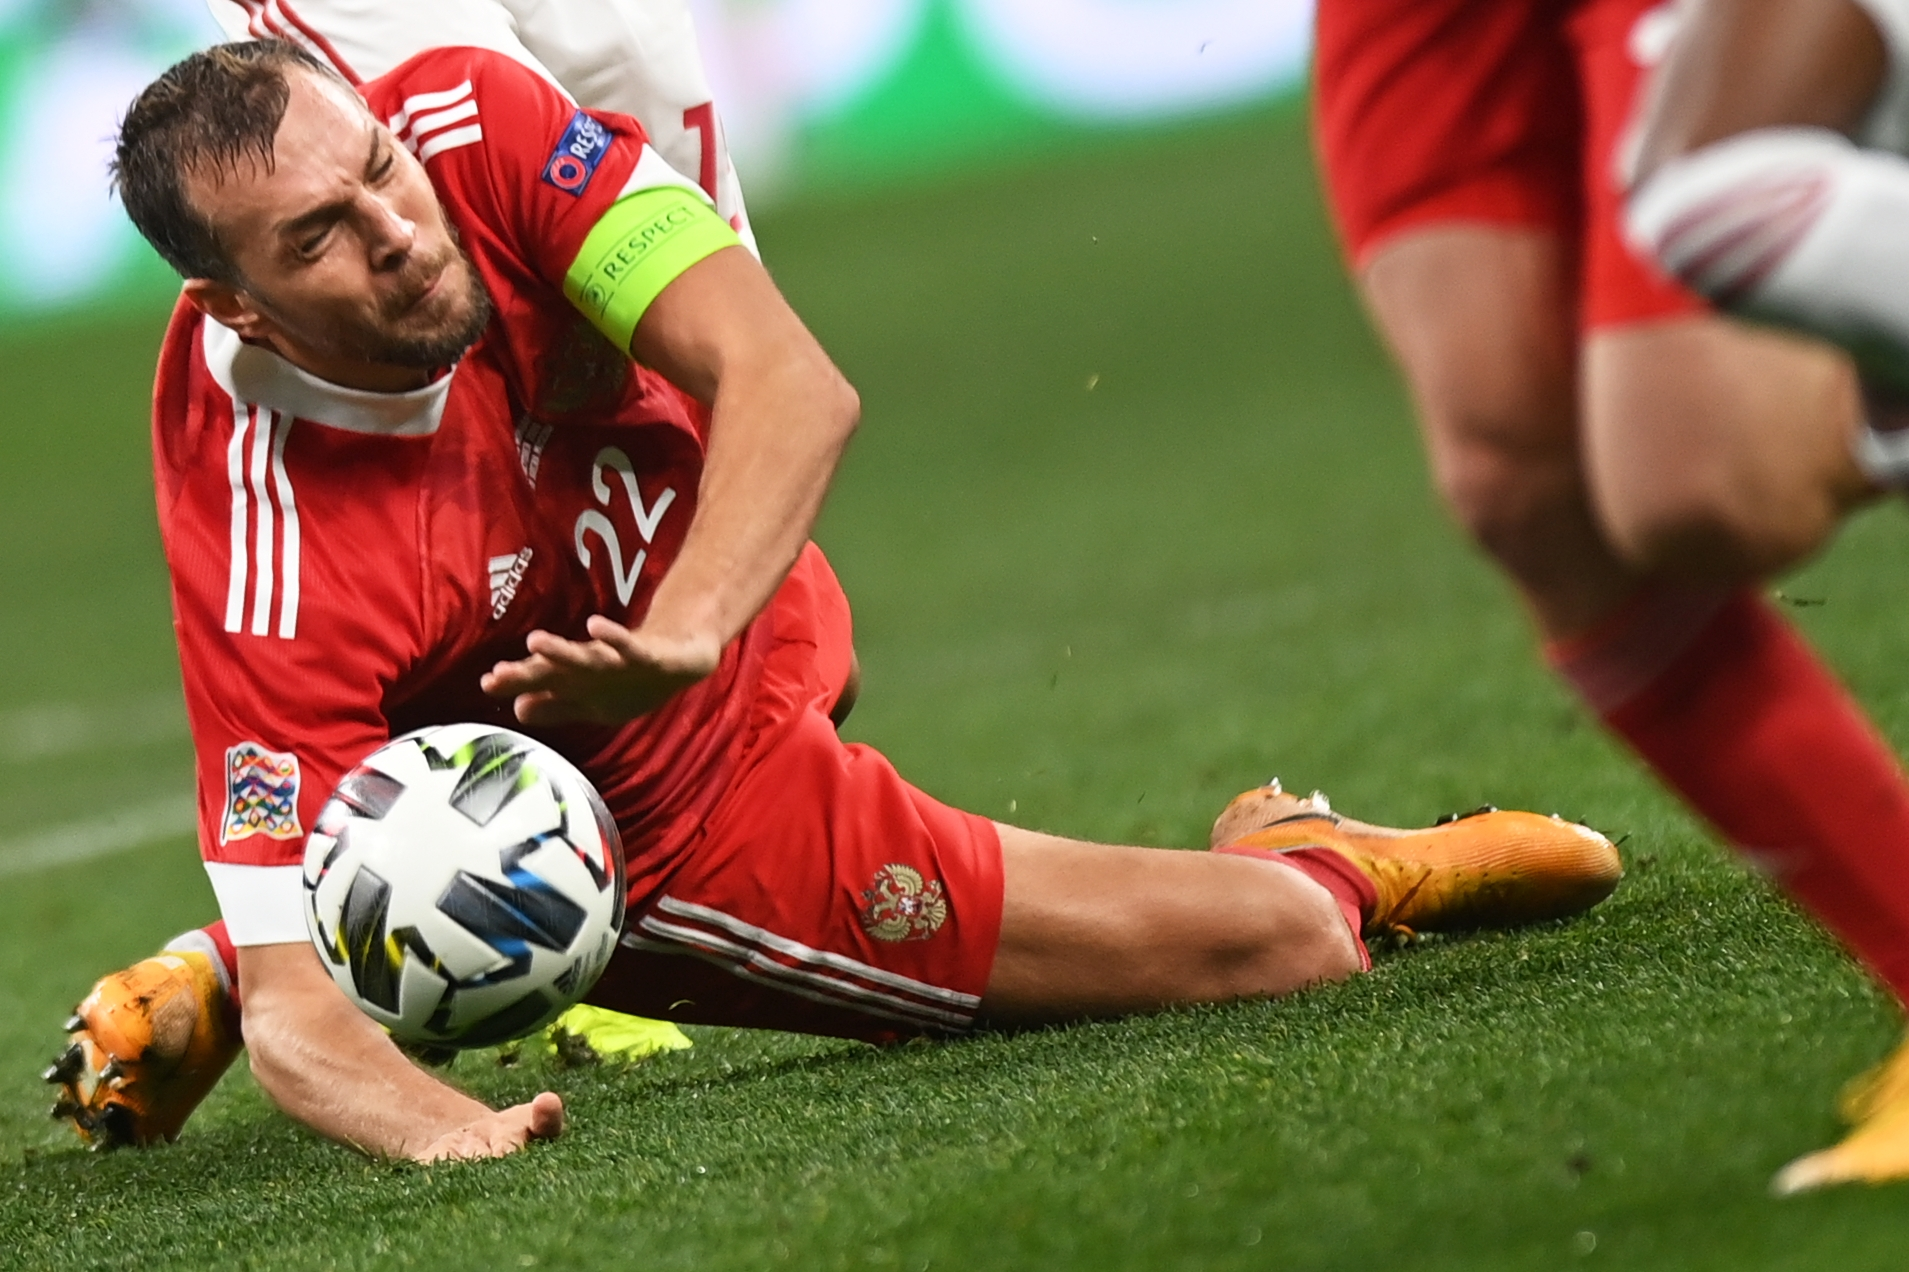 Kitették Artyom Dzjubát az orosz válogatottból, miután maszturbálós videója terjedni kezdett a neten